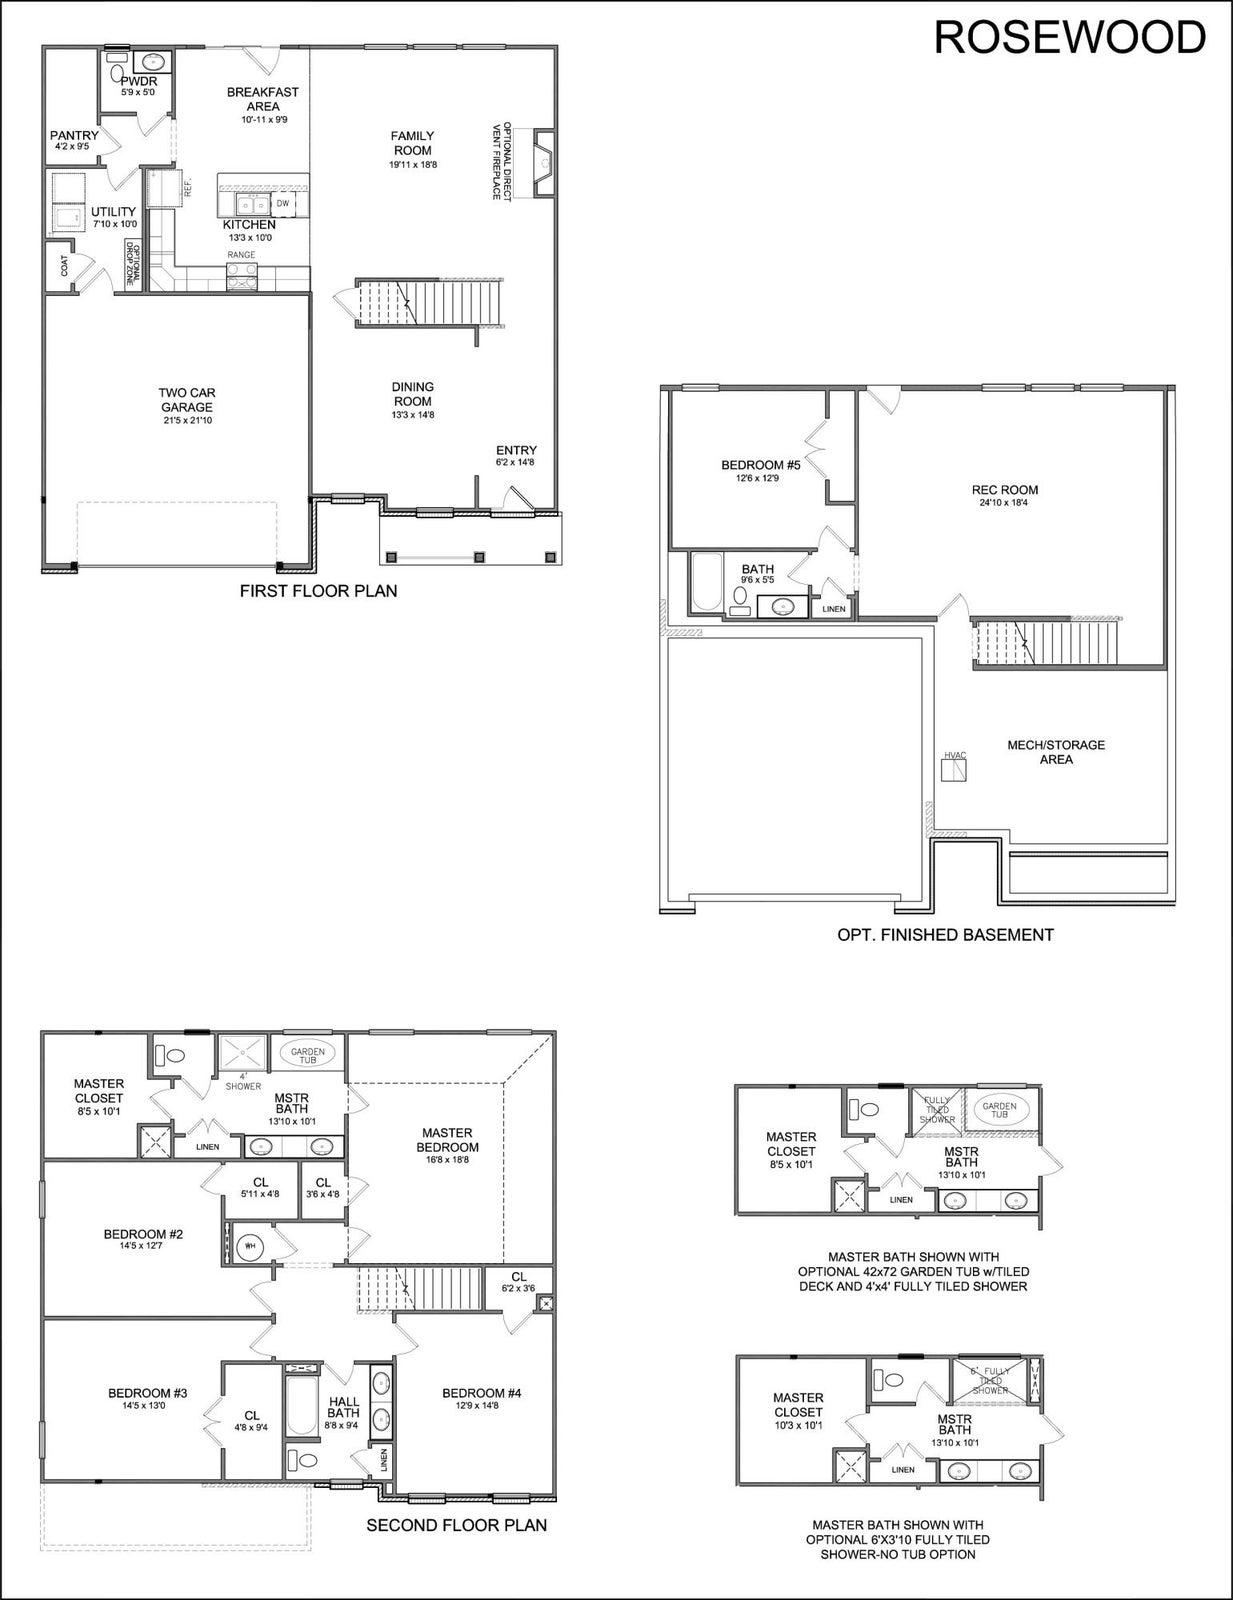 Rosewood Floorplan Revised 3.05.19